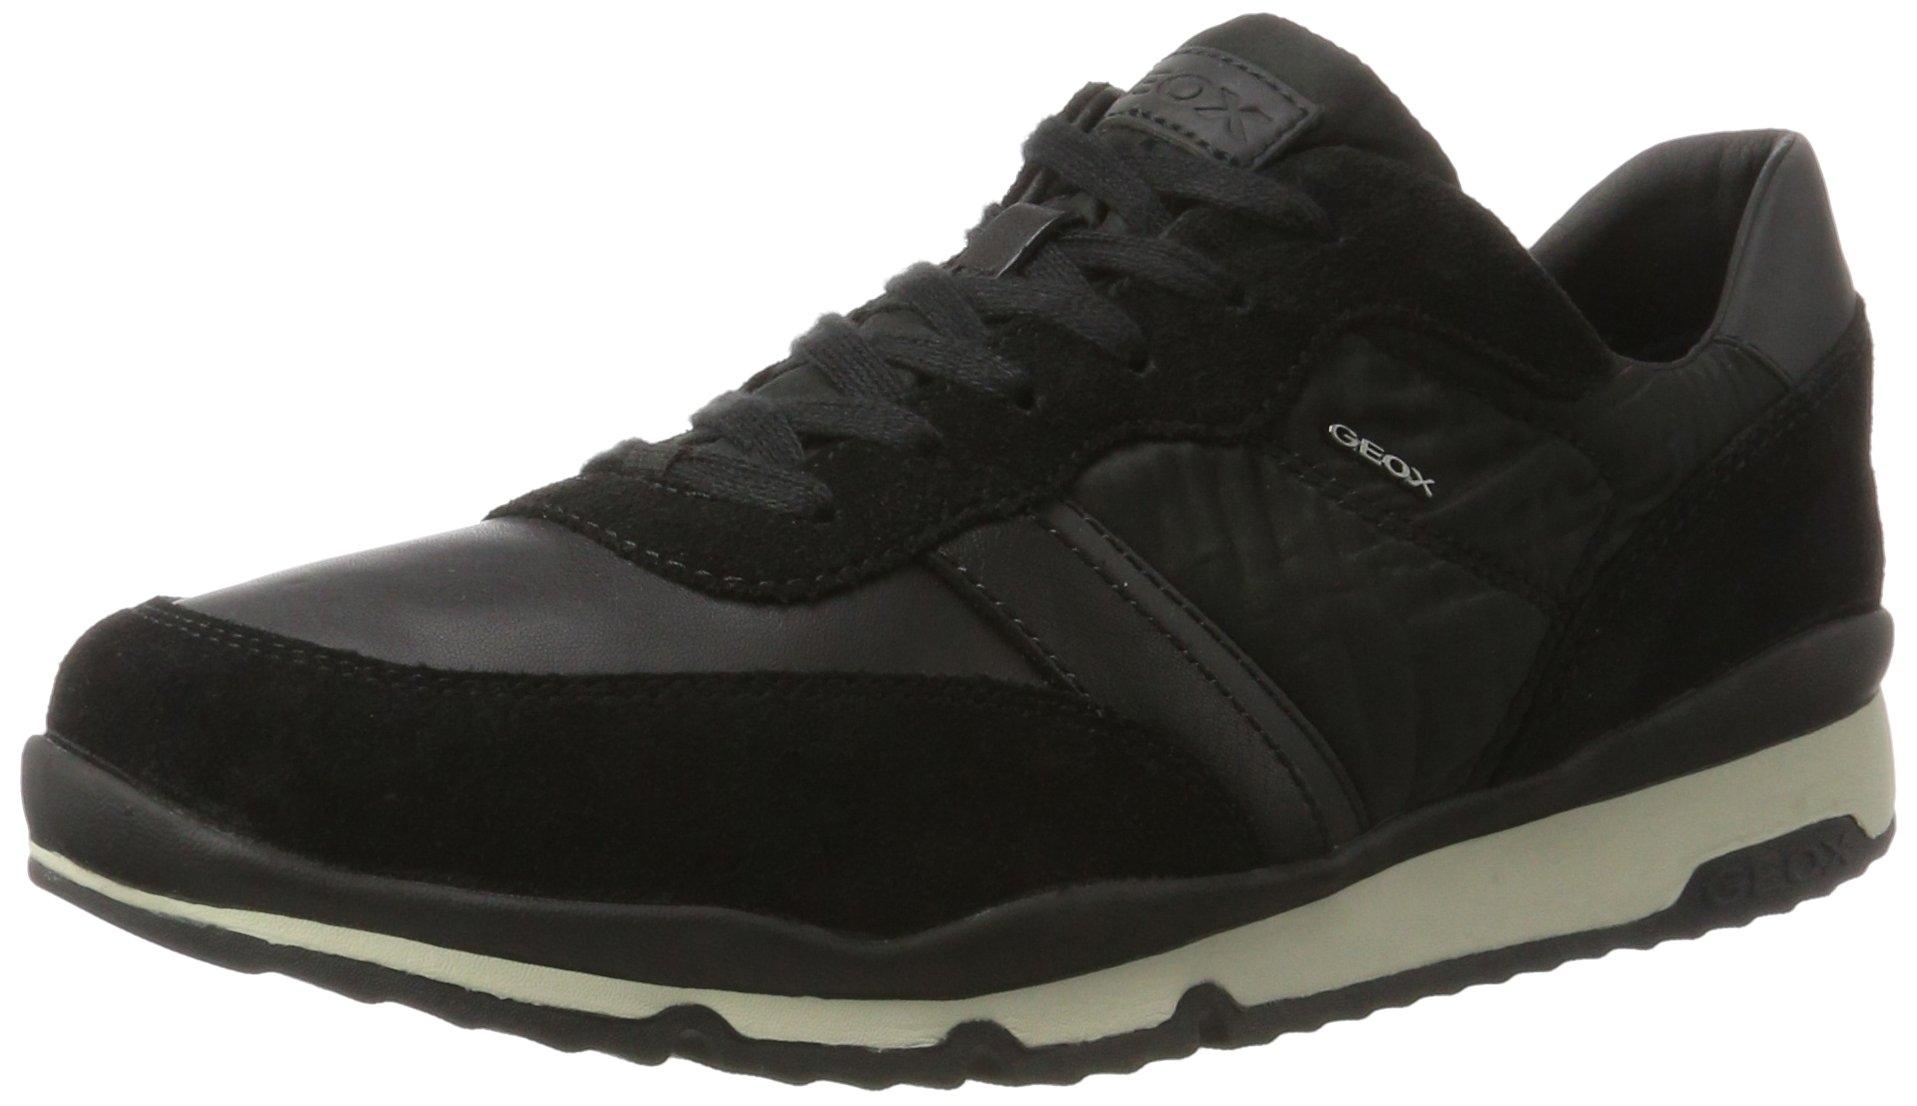 HommeNoirblack45 Geox Sandford BSneakers U Basses Eu bg6Y7yf